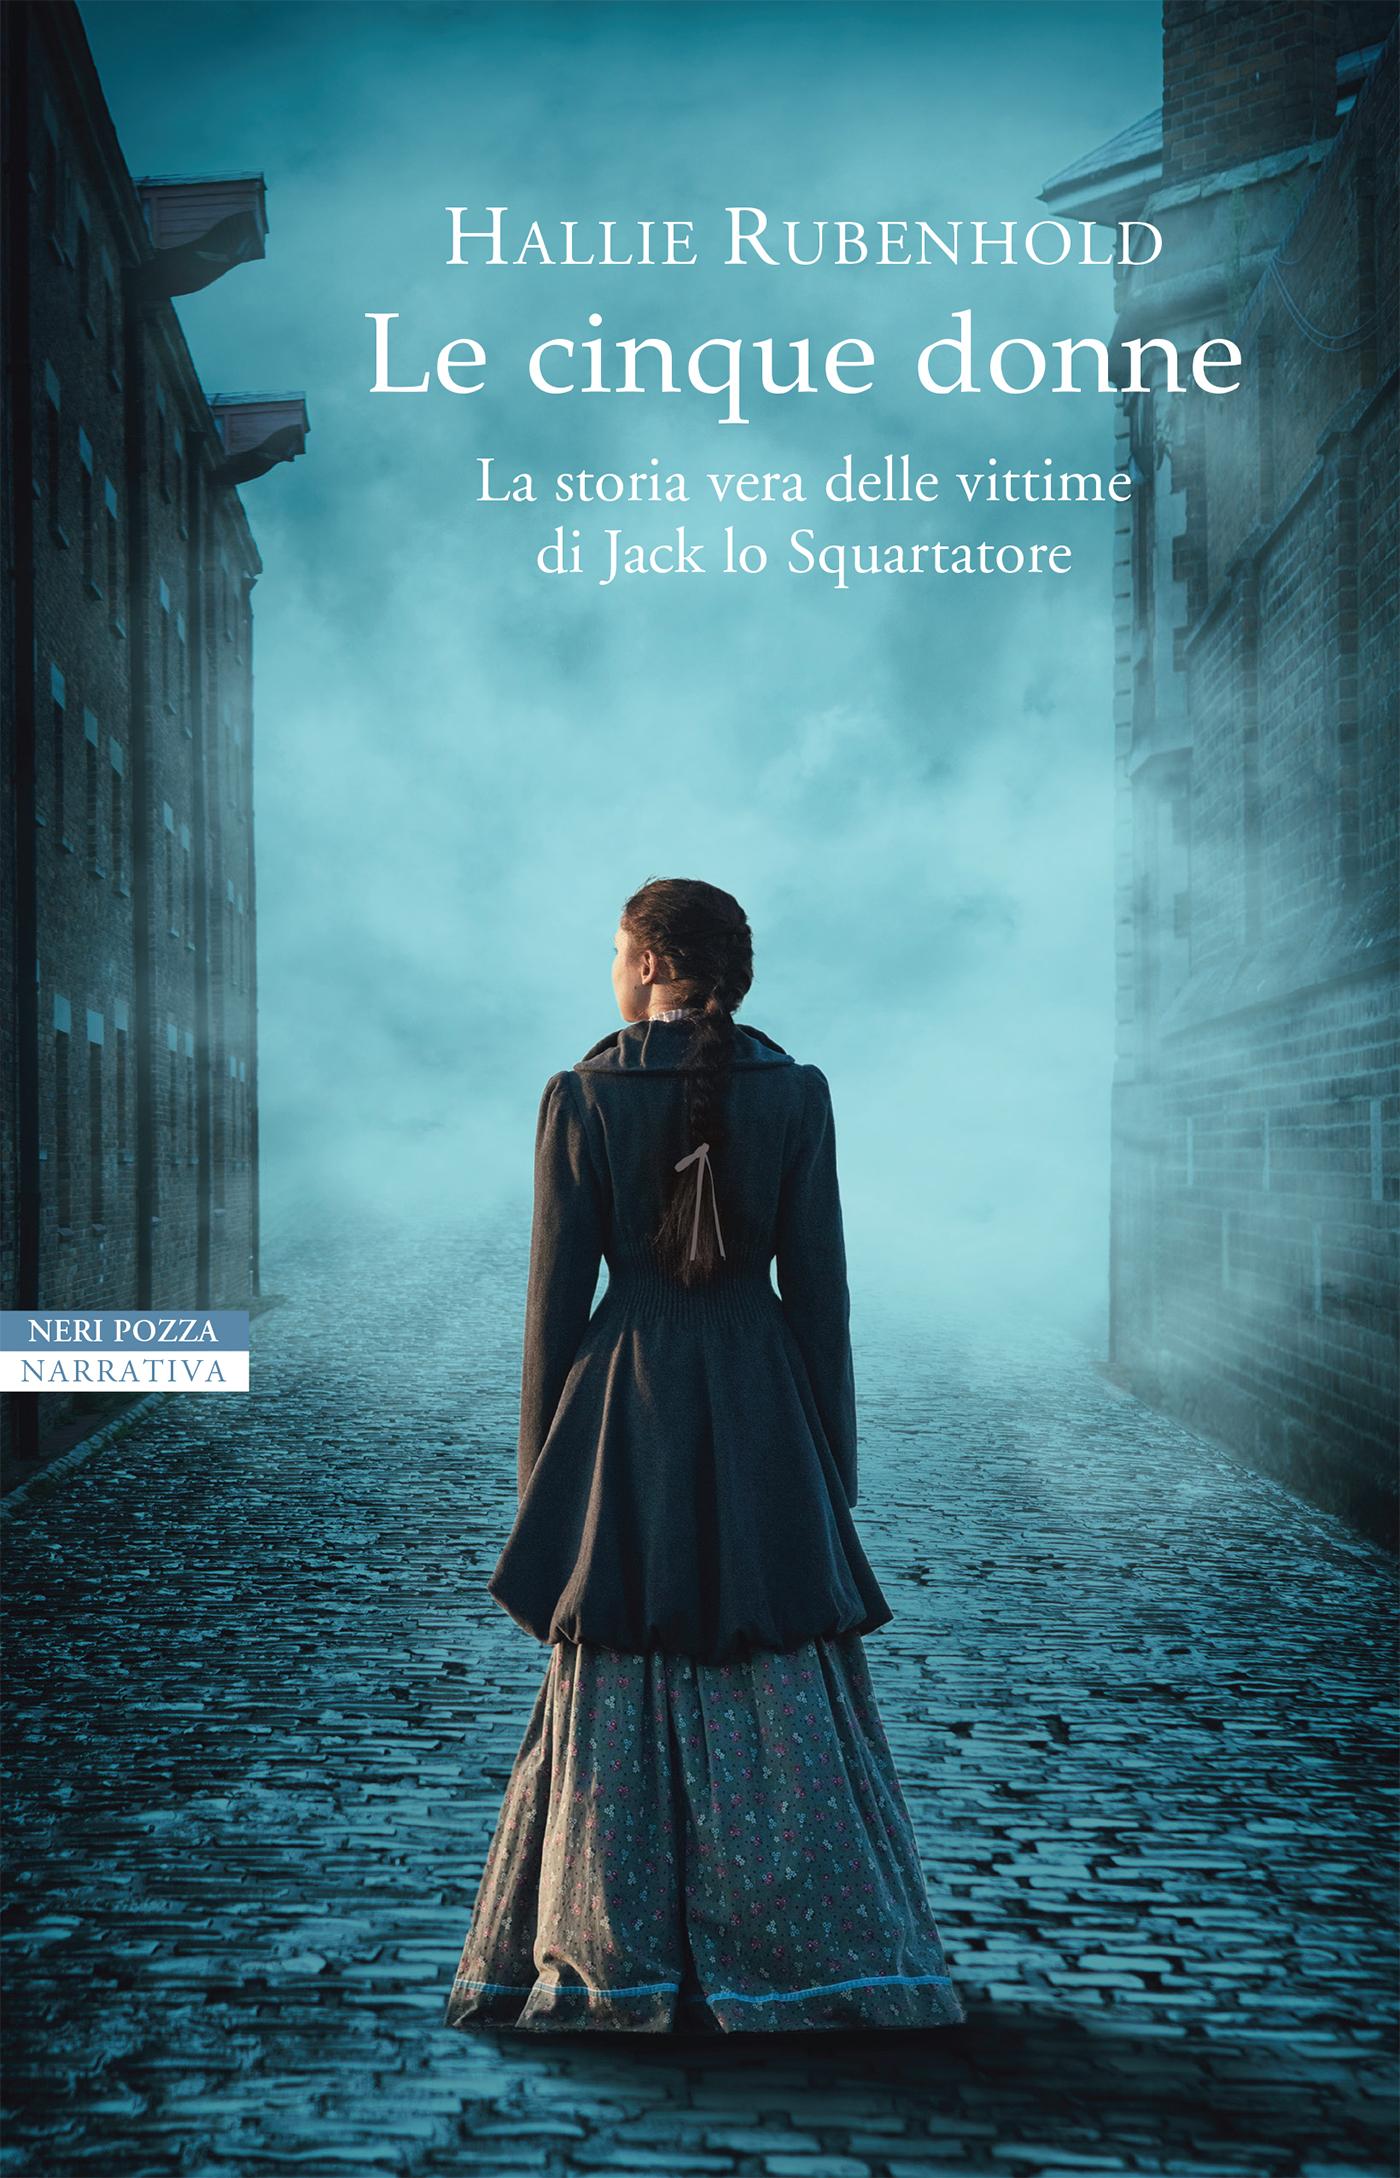 Neri Pozza Editore | Le cinque donne